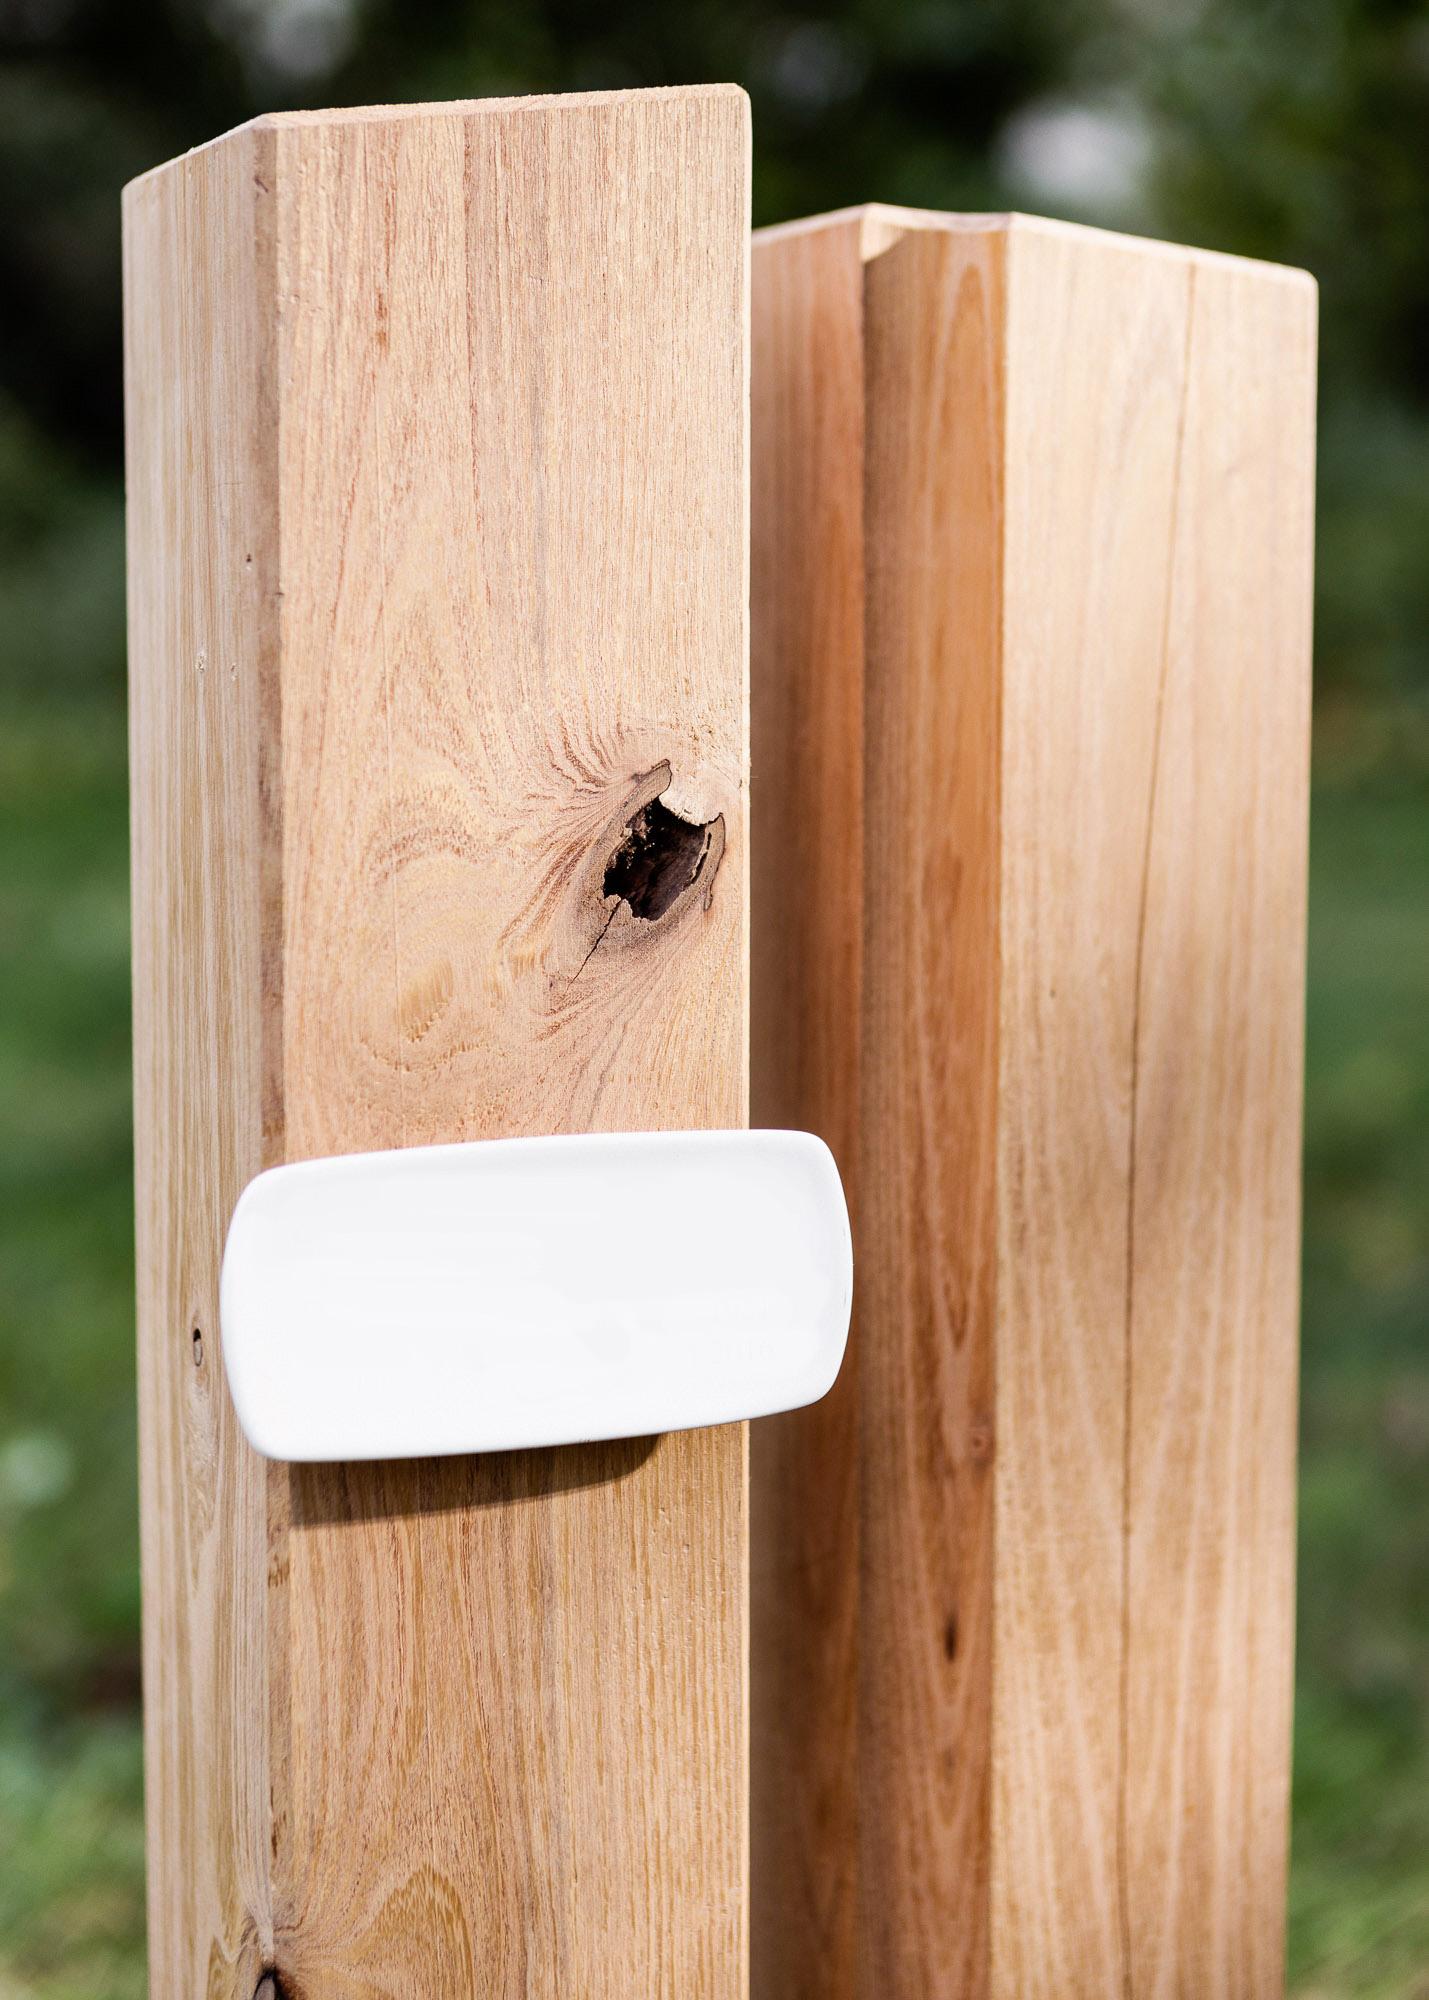 Holzgrabmal aus einem Paar Holz Stelen mit Emailleschild